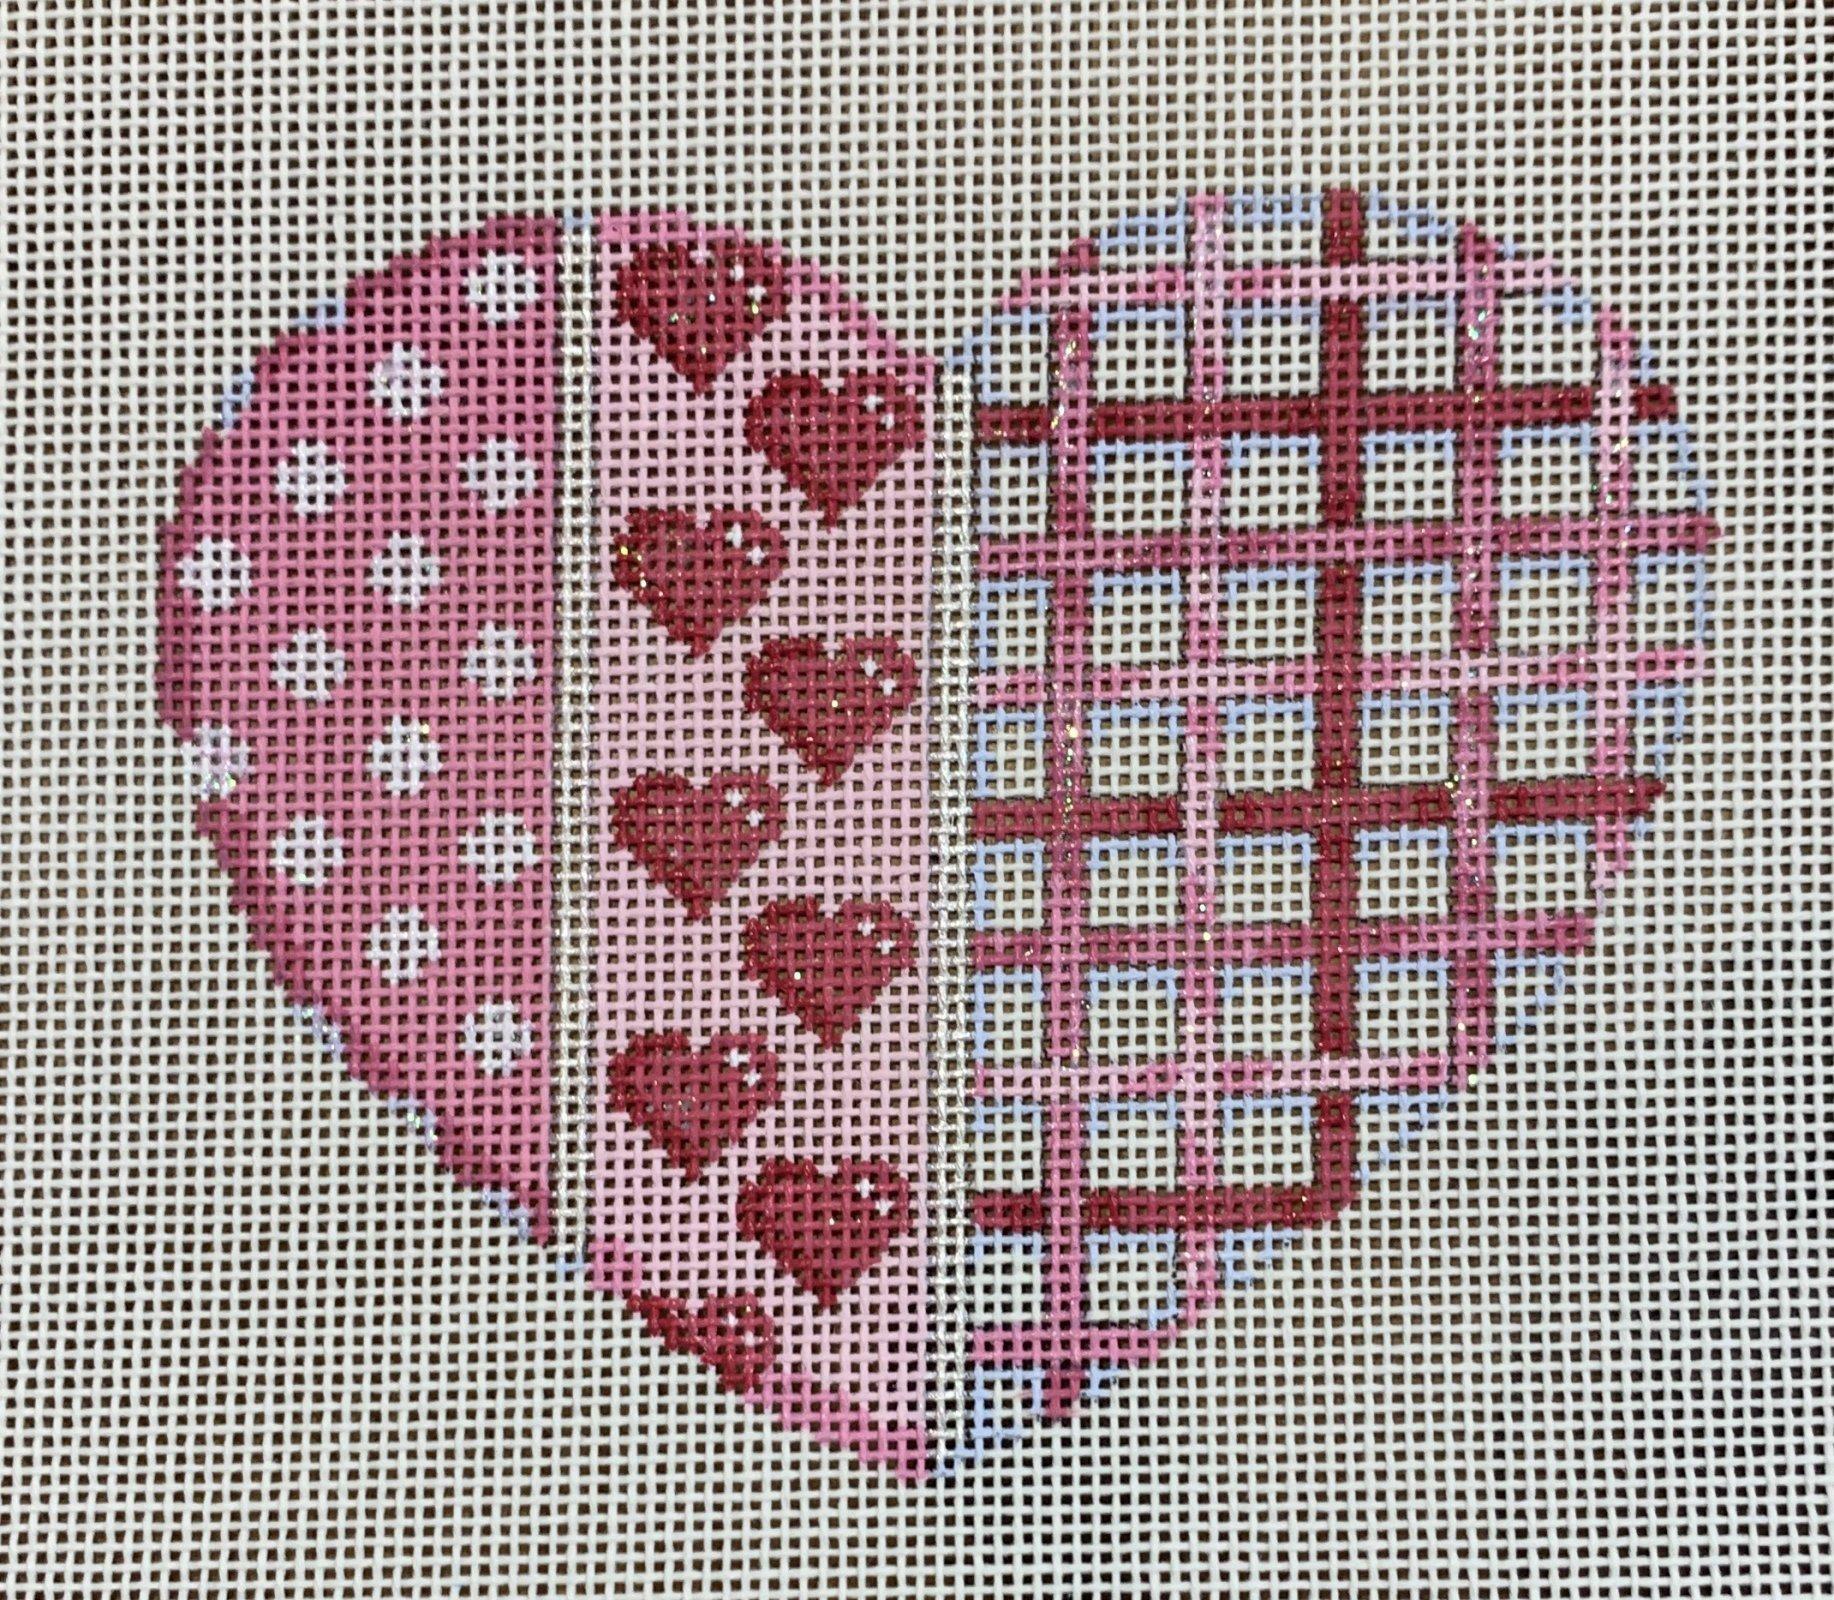 Dot/Heart/Woven Lg. Heart